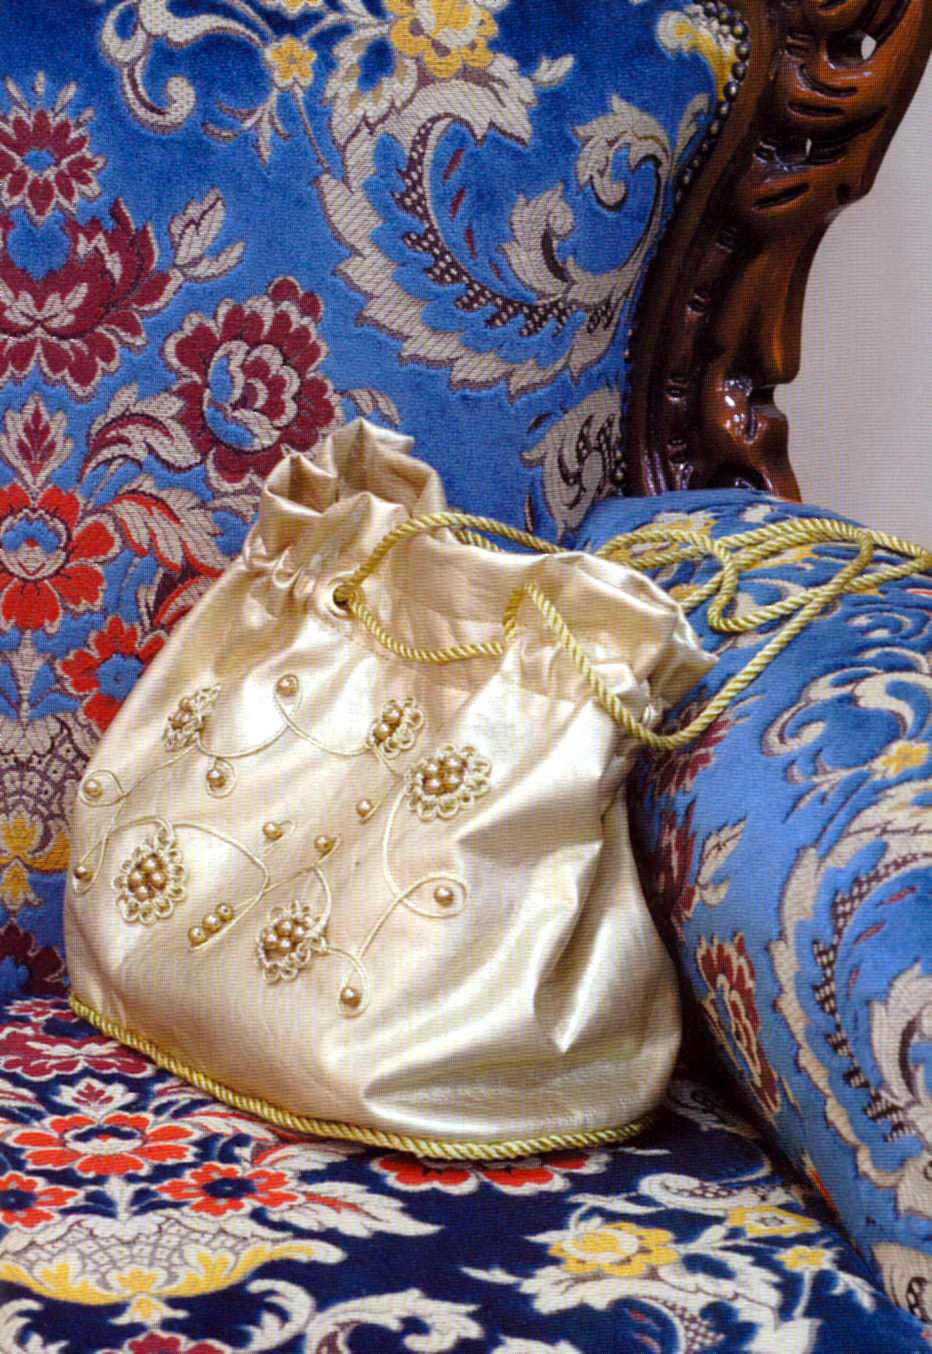 Золотистая кожаная сумка своими руками